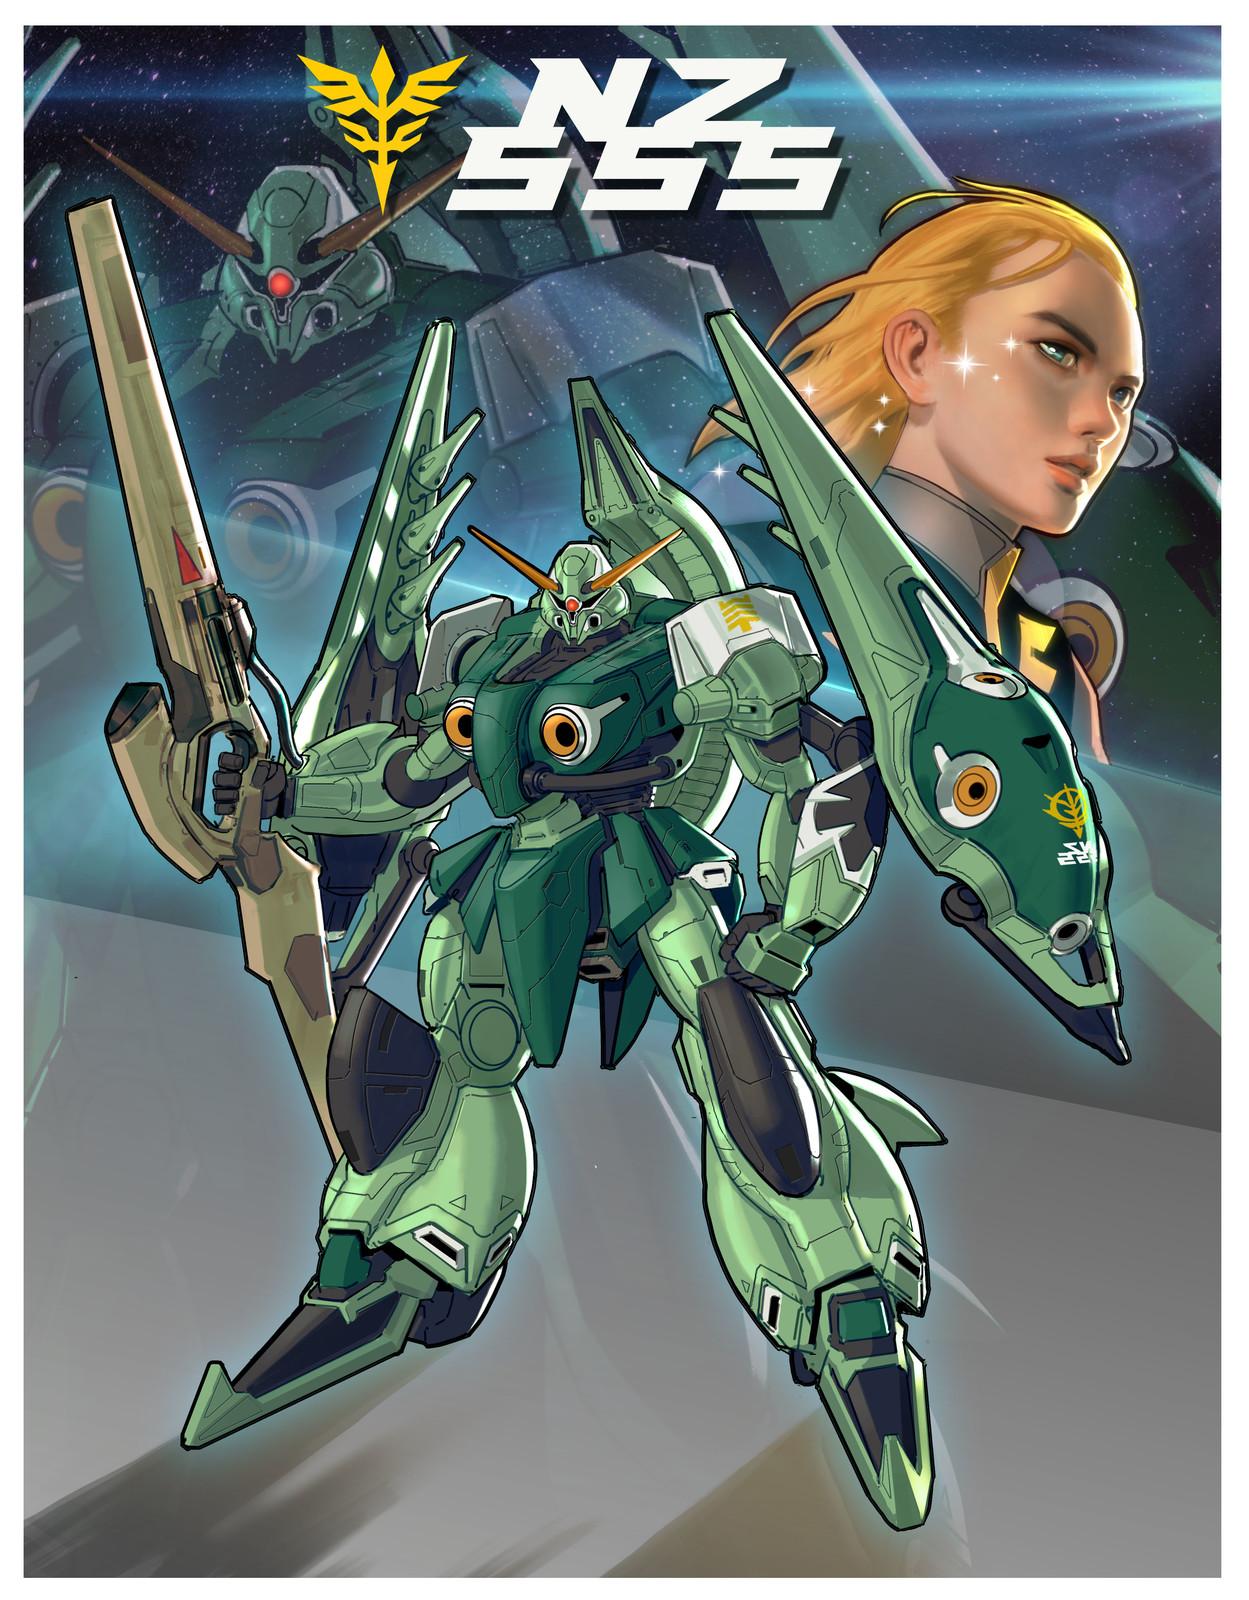 NZ - 555 Orchid  (Gundam Fan Design)